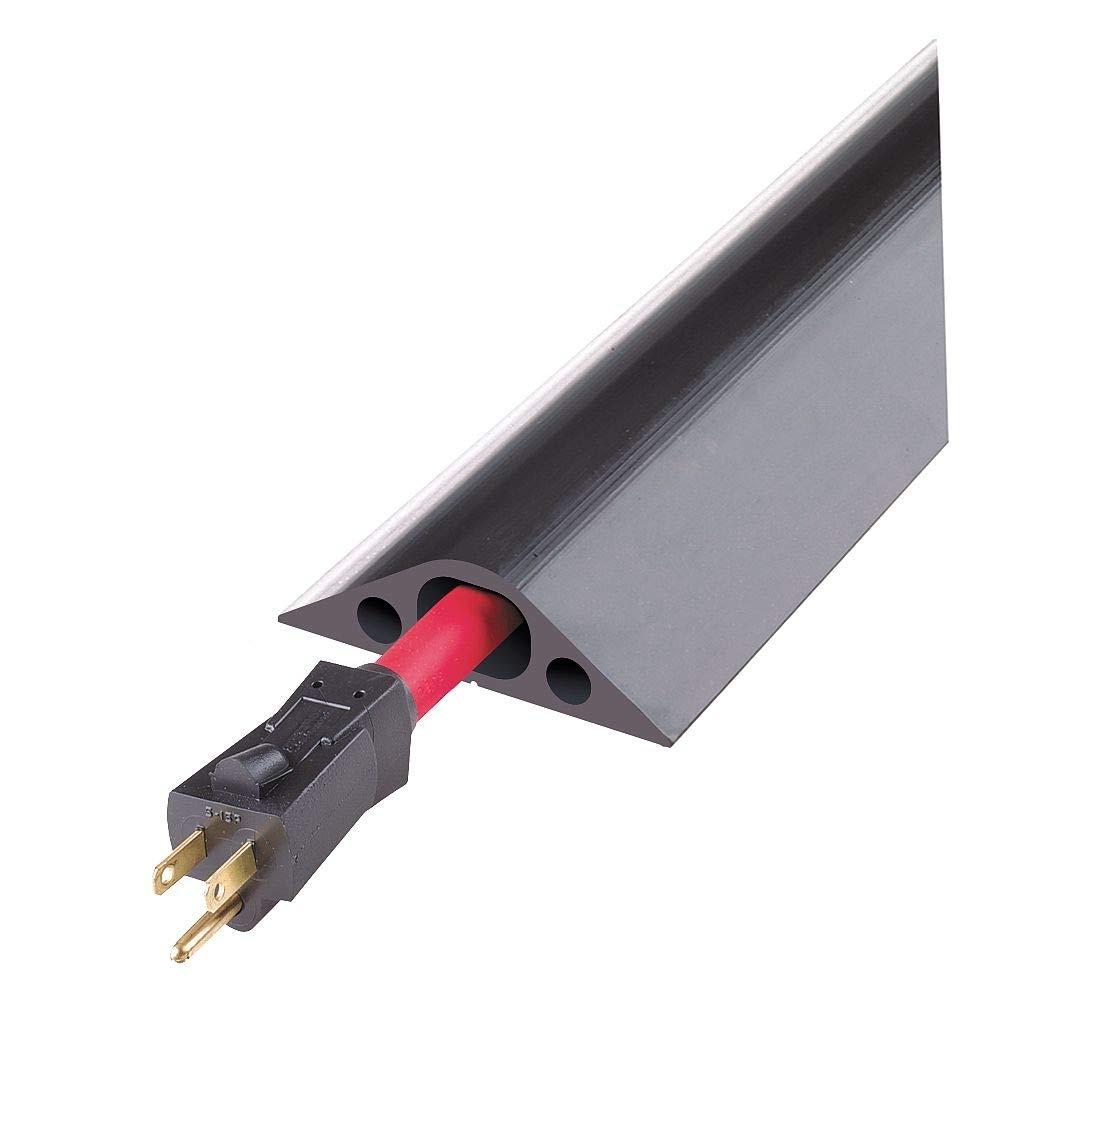 CHECKERS社 ラバーダクトプロテクター 幅82.6MM×長さ3048MM RFD4-10   B01A9XVYCA